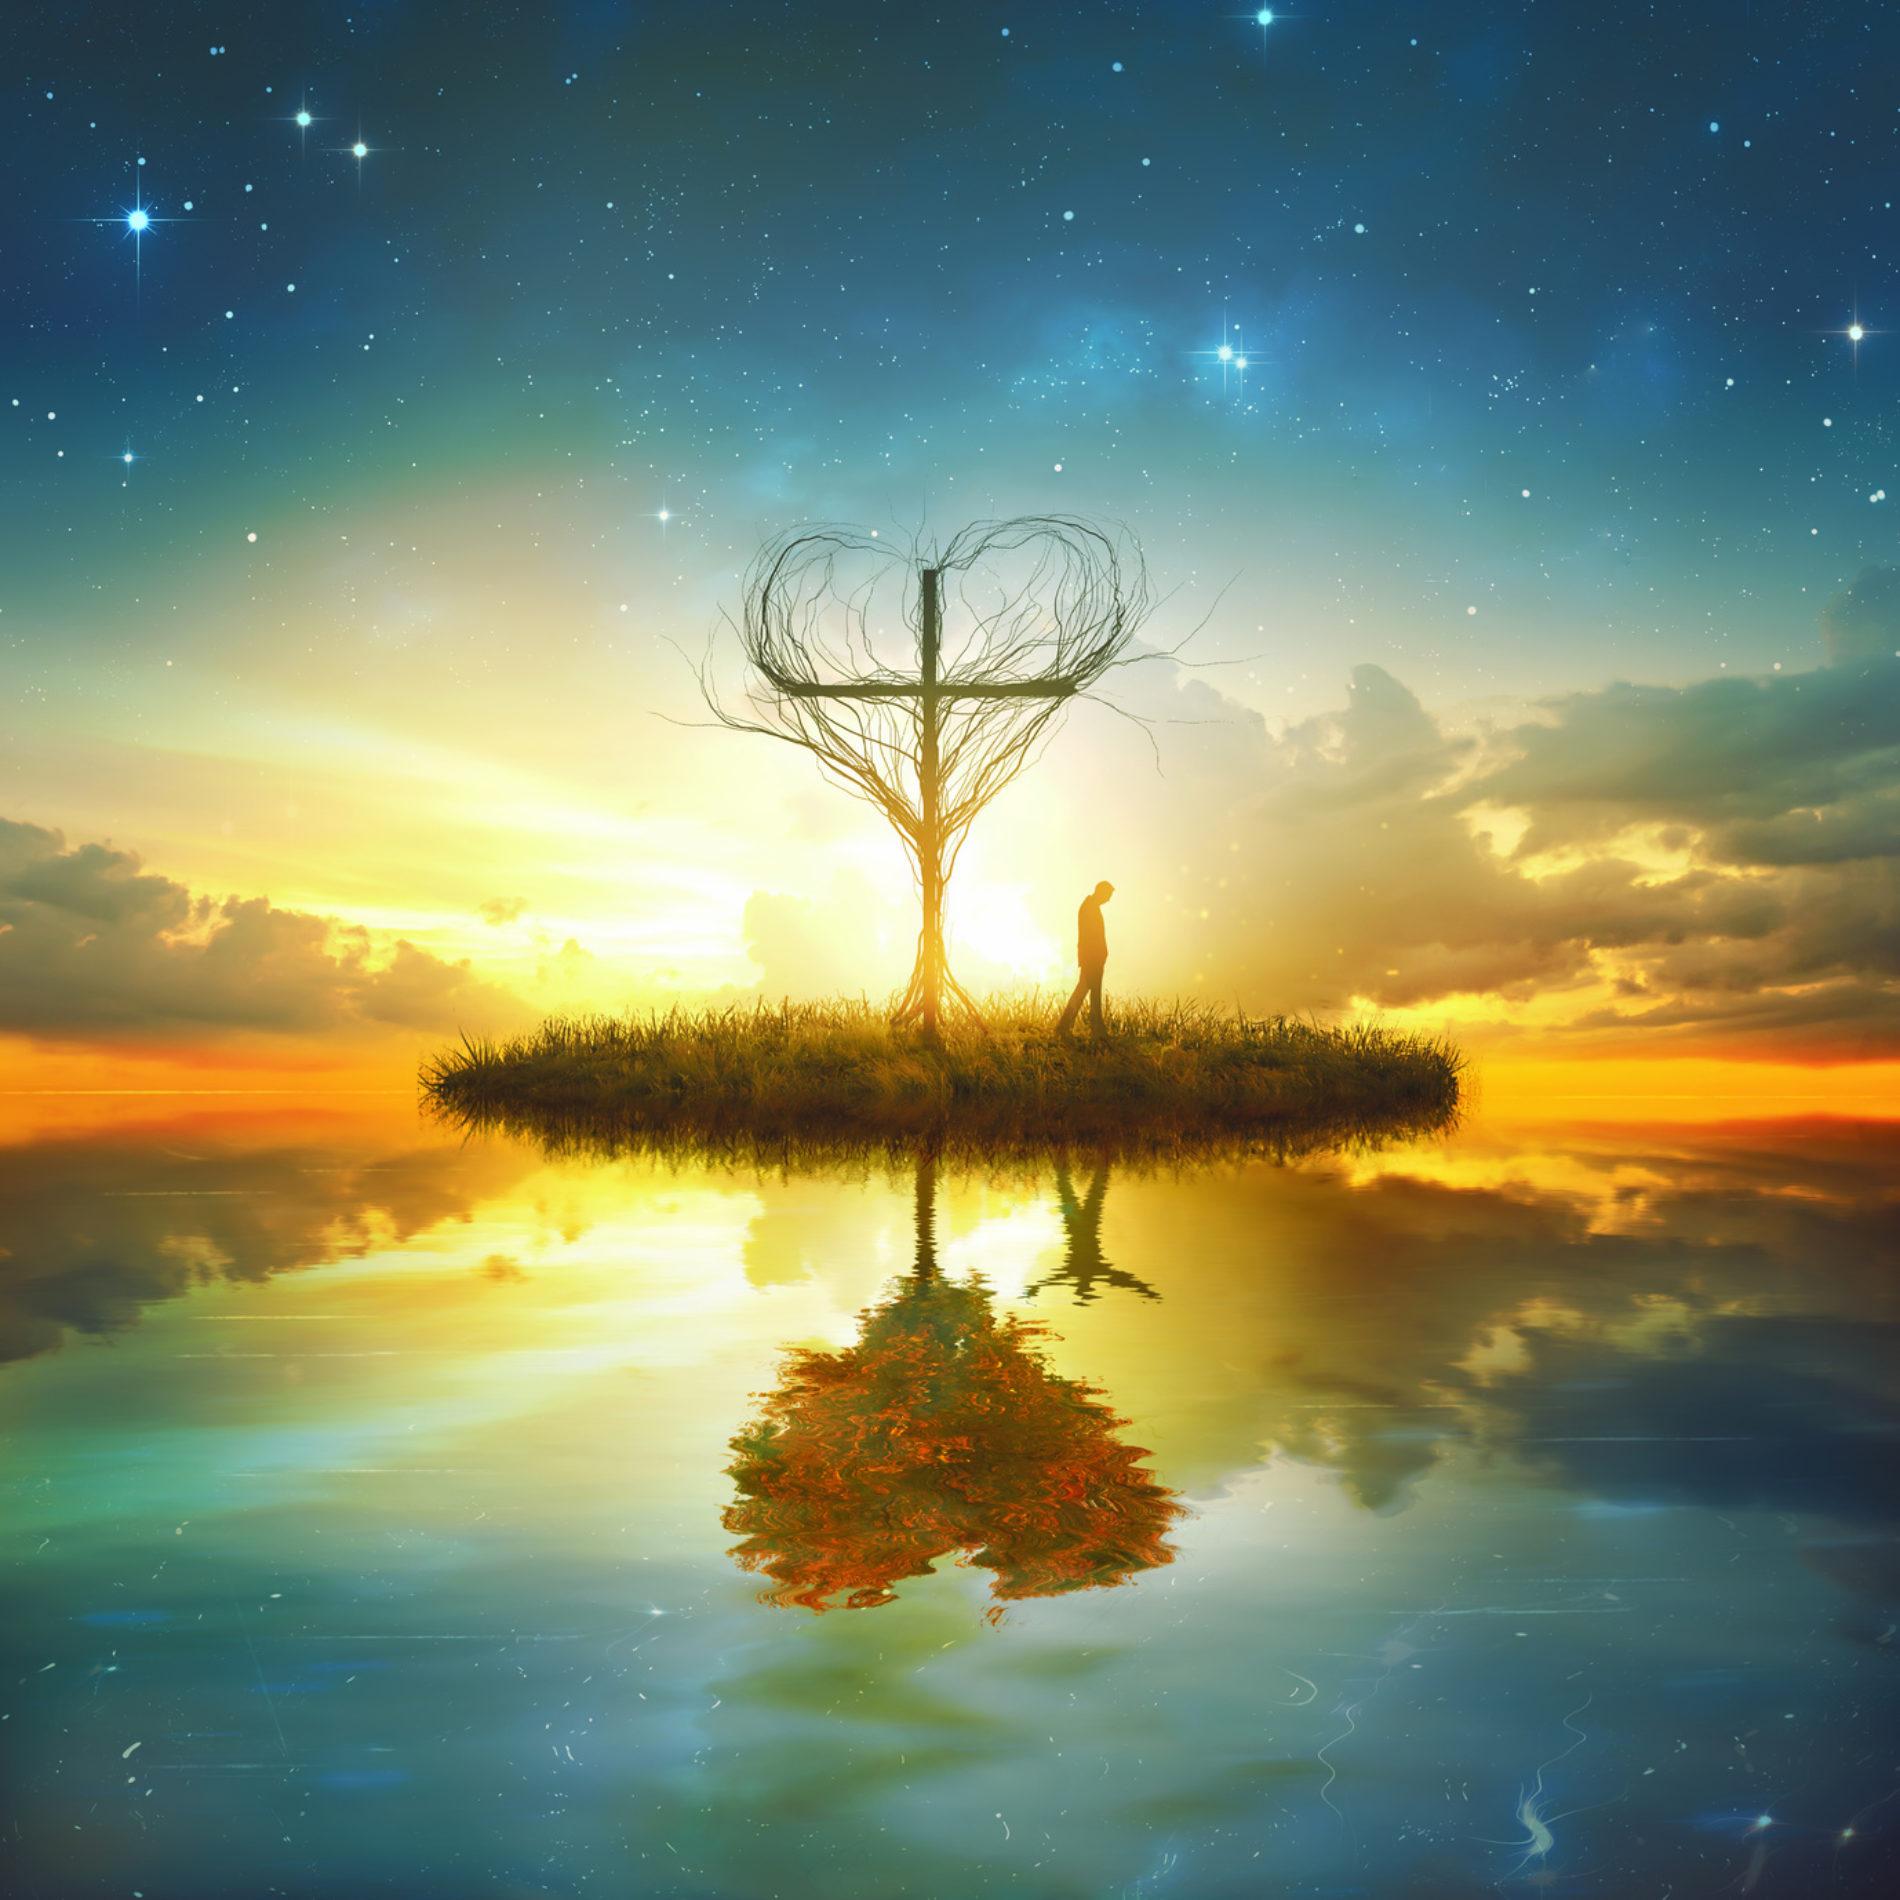 Jesus, sábado, a marca da besta e o proselitismo